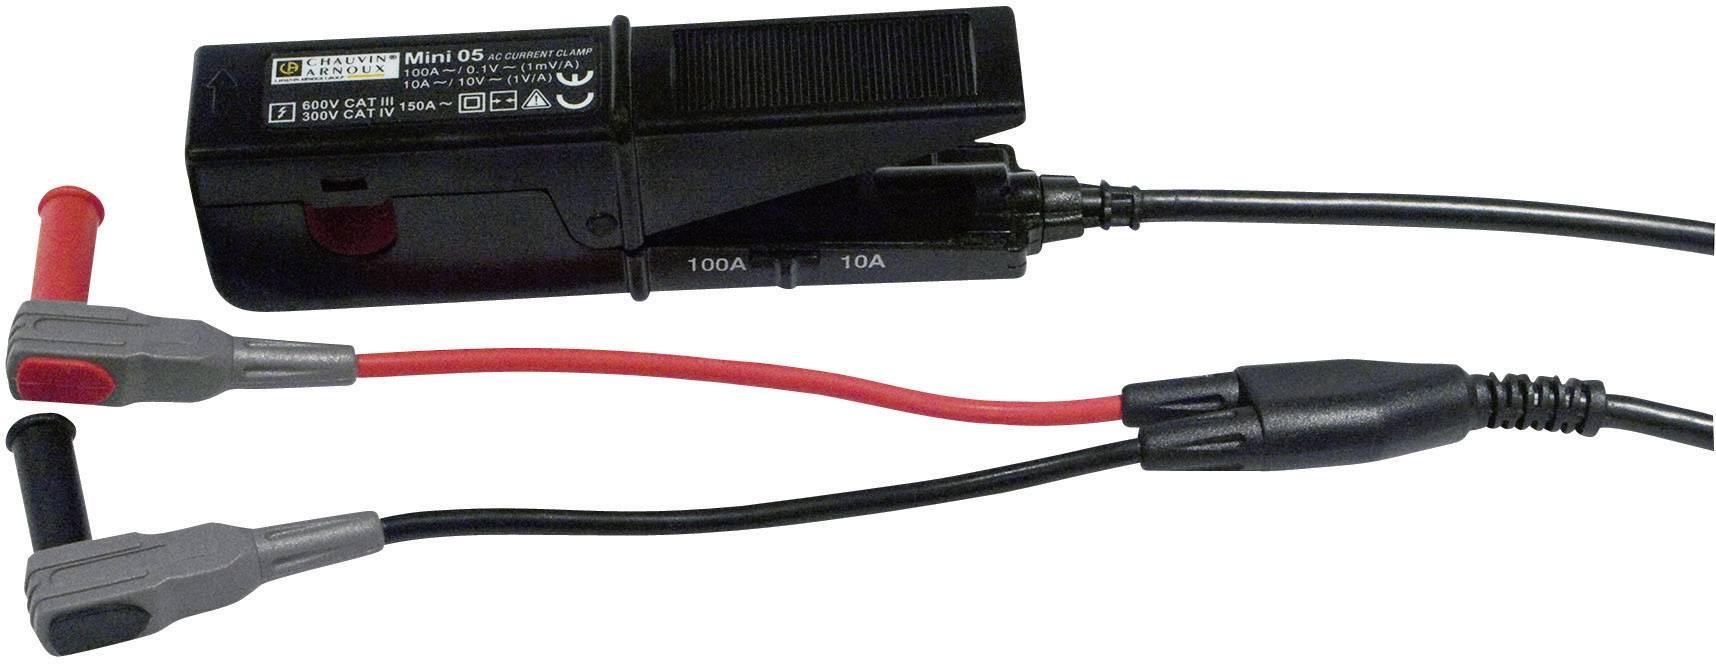 Kliešťový prúdový adaptér Chauvin Arnoux MINI 05